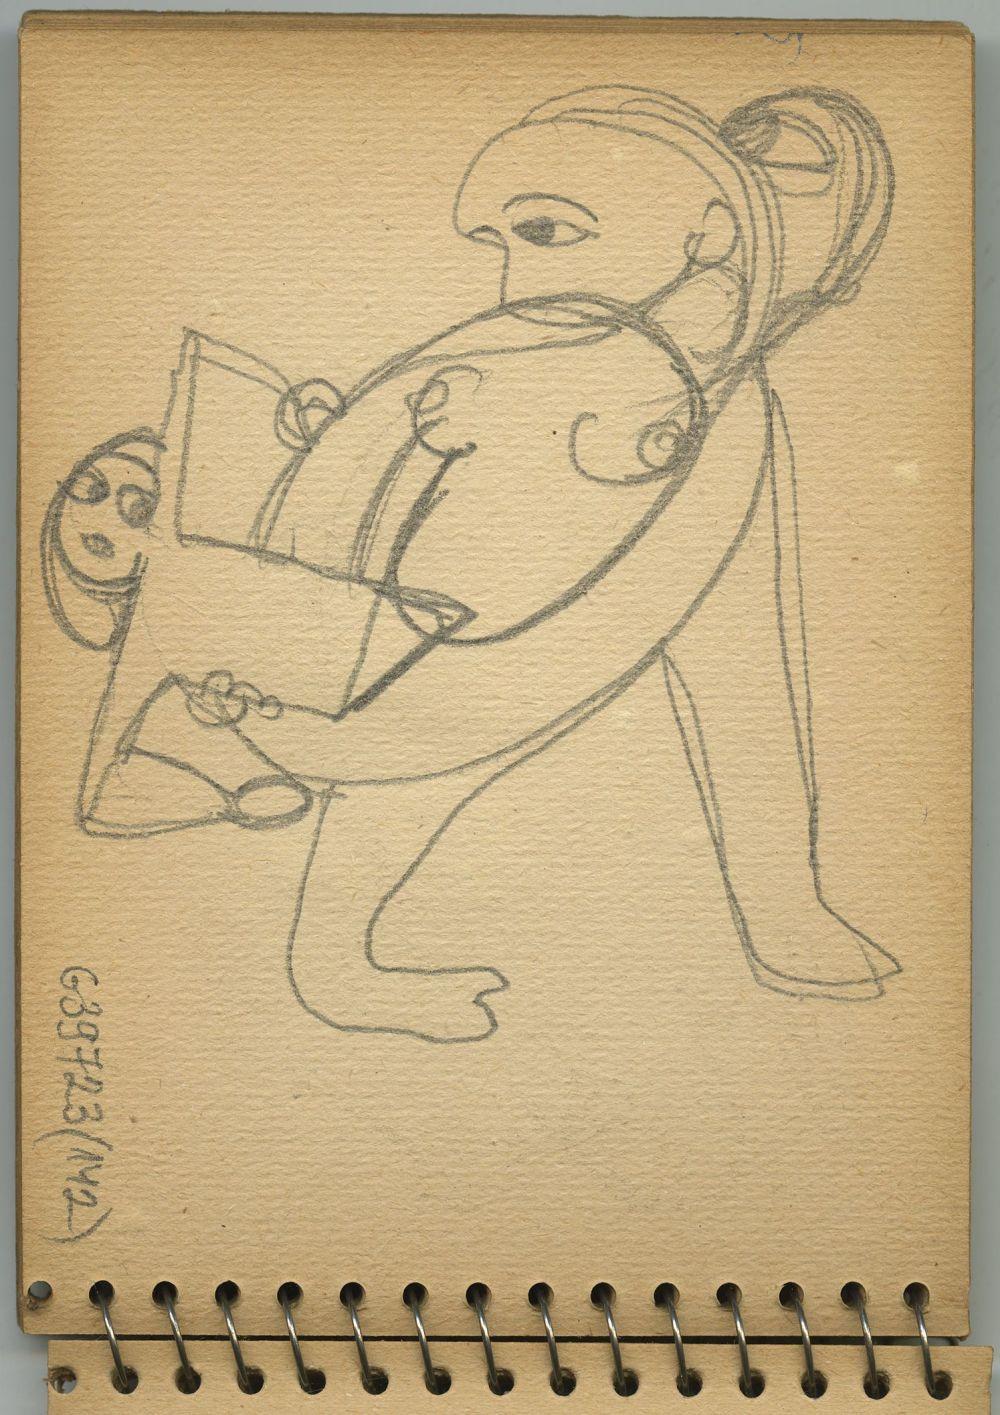 G39723(142)<br/><b>Cím:</b> Cím nélkül<br/><b>Méret (cm):</b> 16,5x12<br/><b>Készült:</b> 1957.<br/><b>Technika:</b> ceruza<br/>